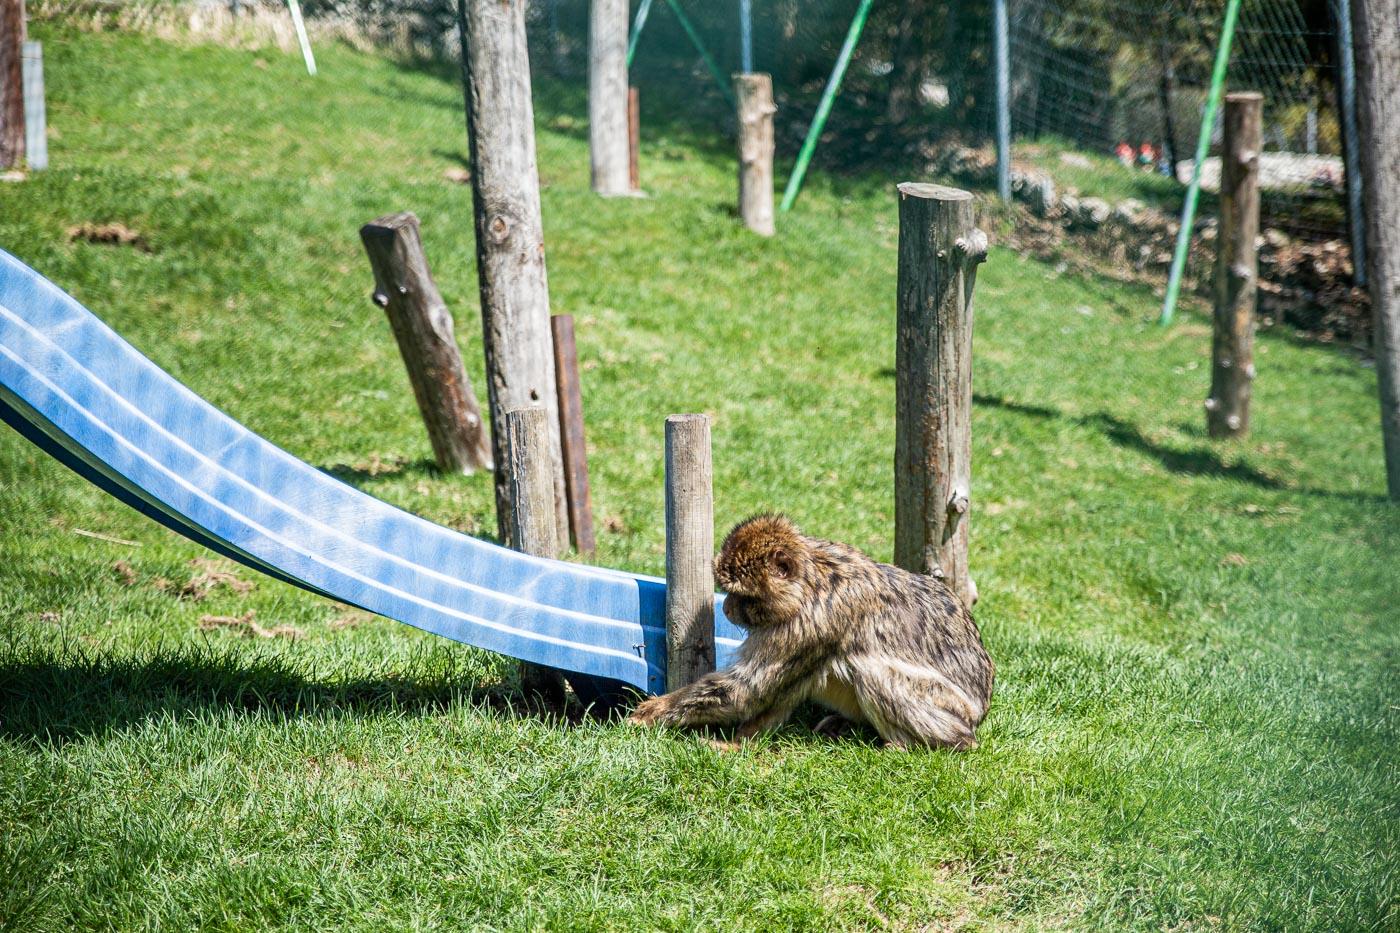 Tierpark Berwang Reutte